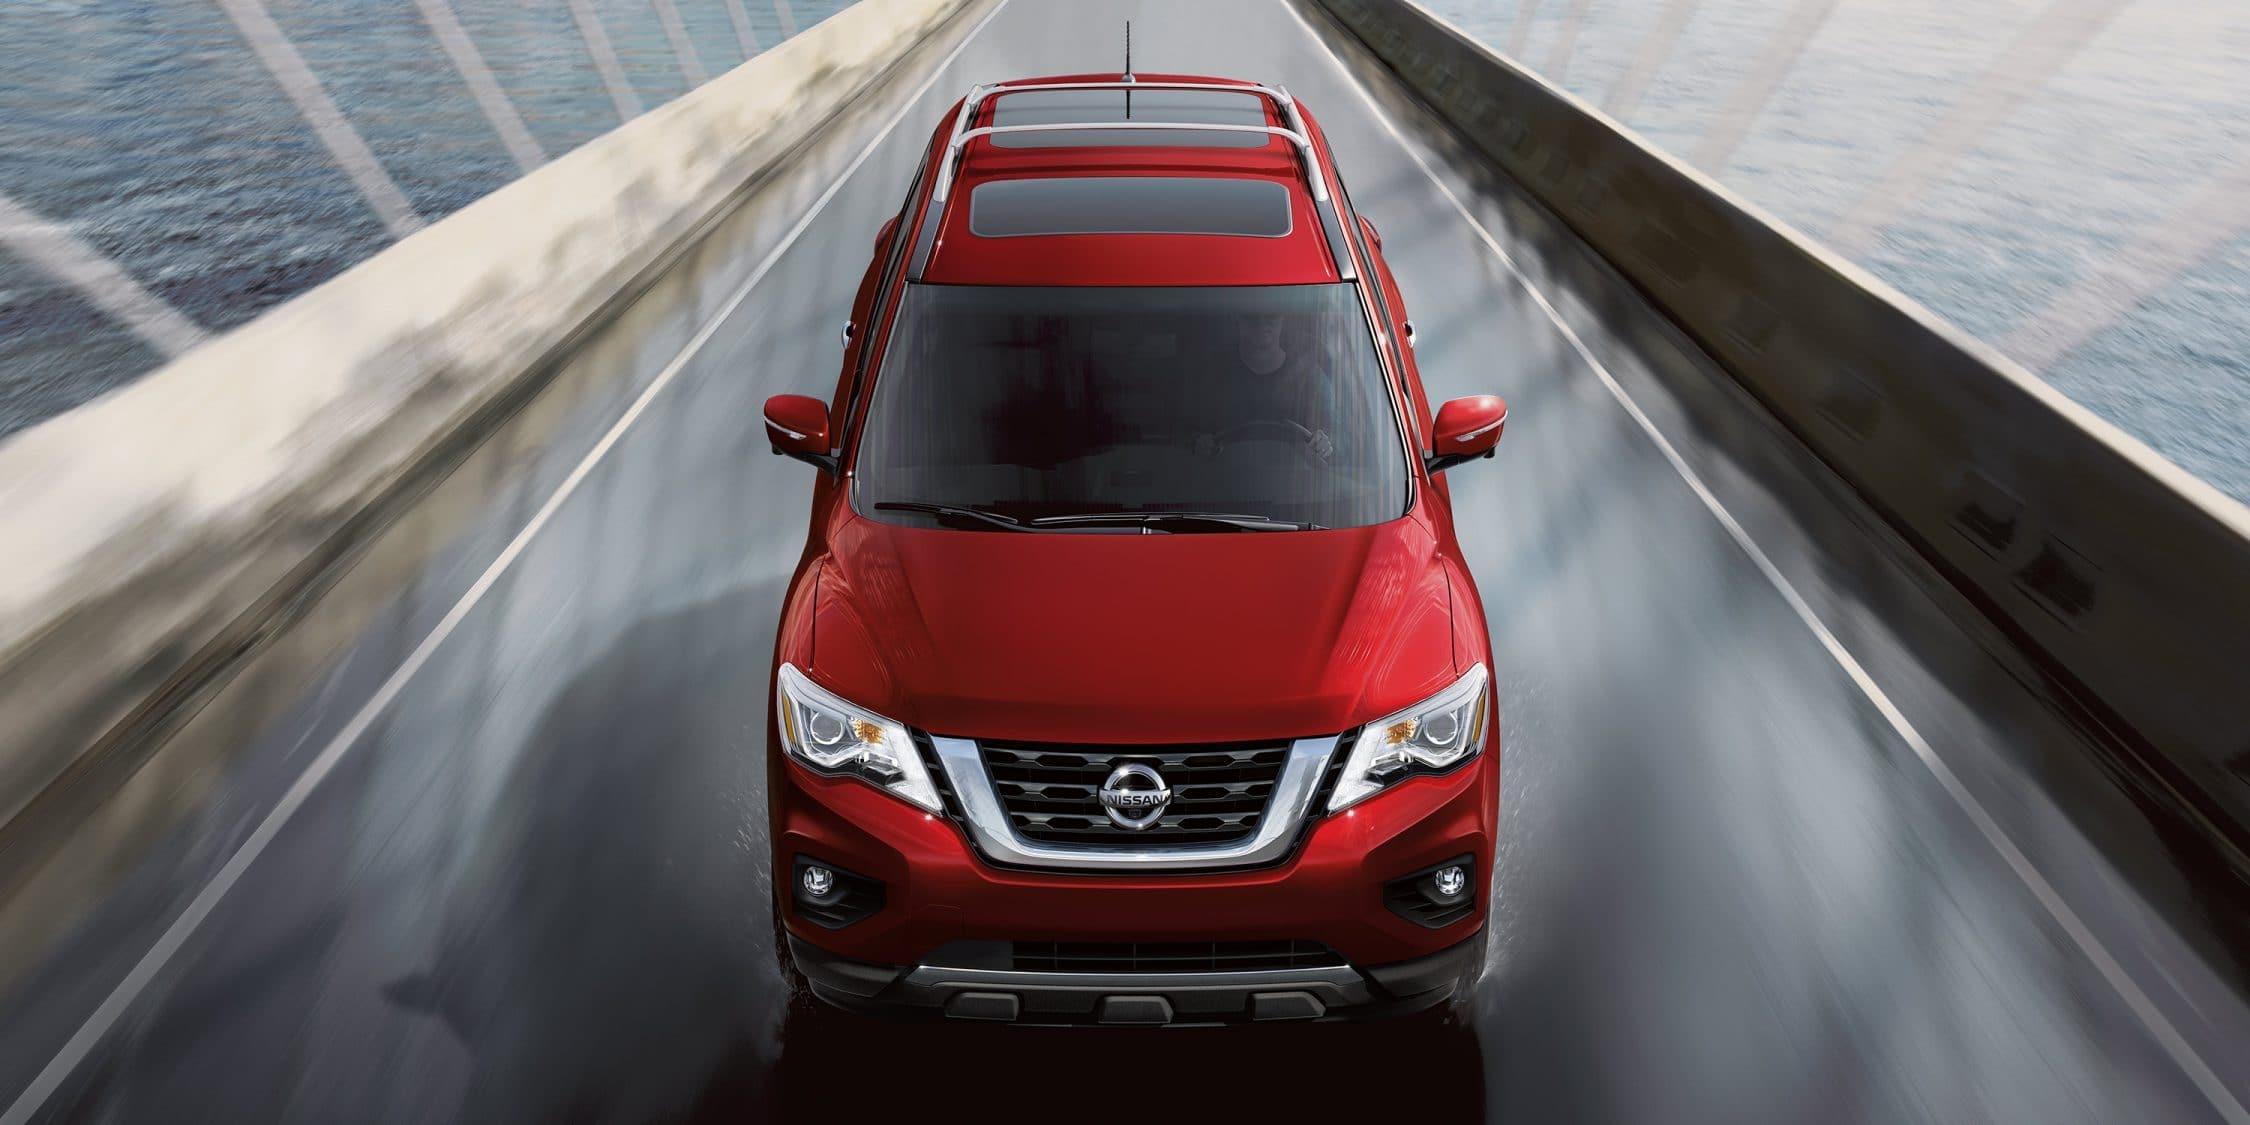 2018 Nissan Pathfinder for sale near Walla Walla, WA